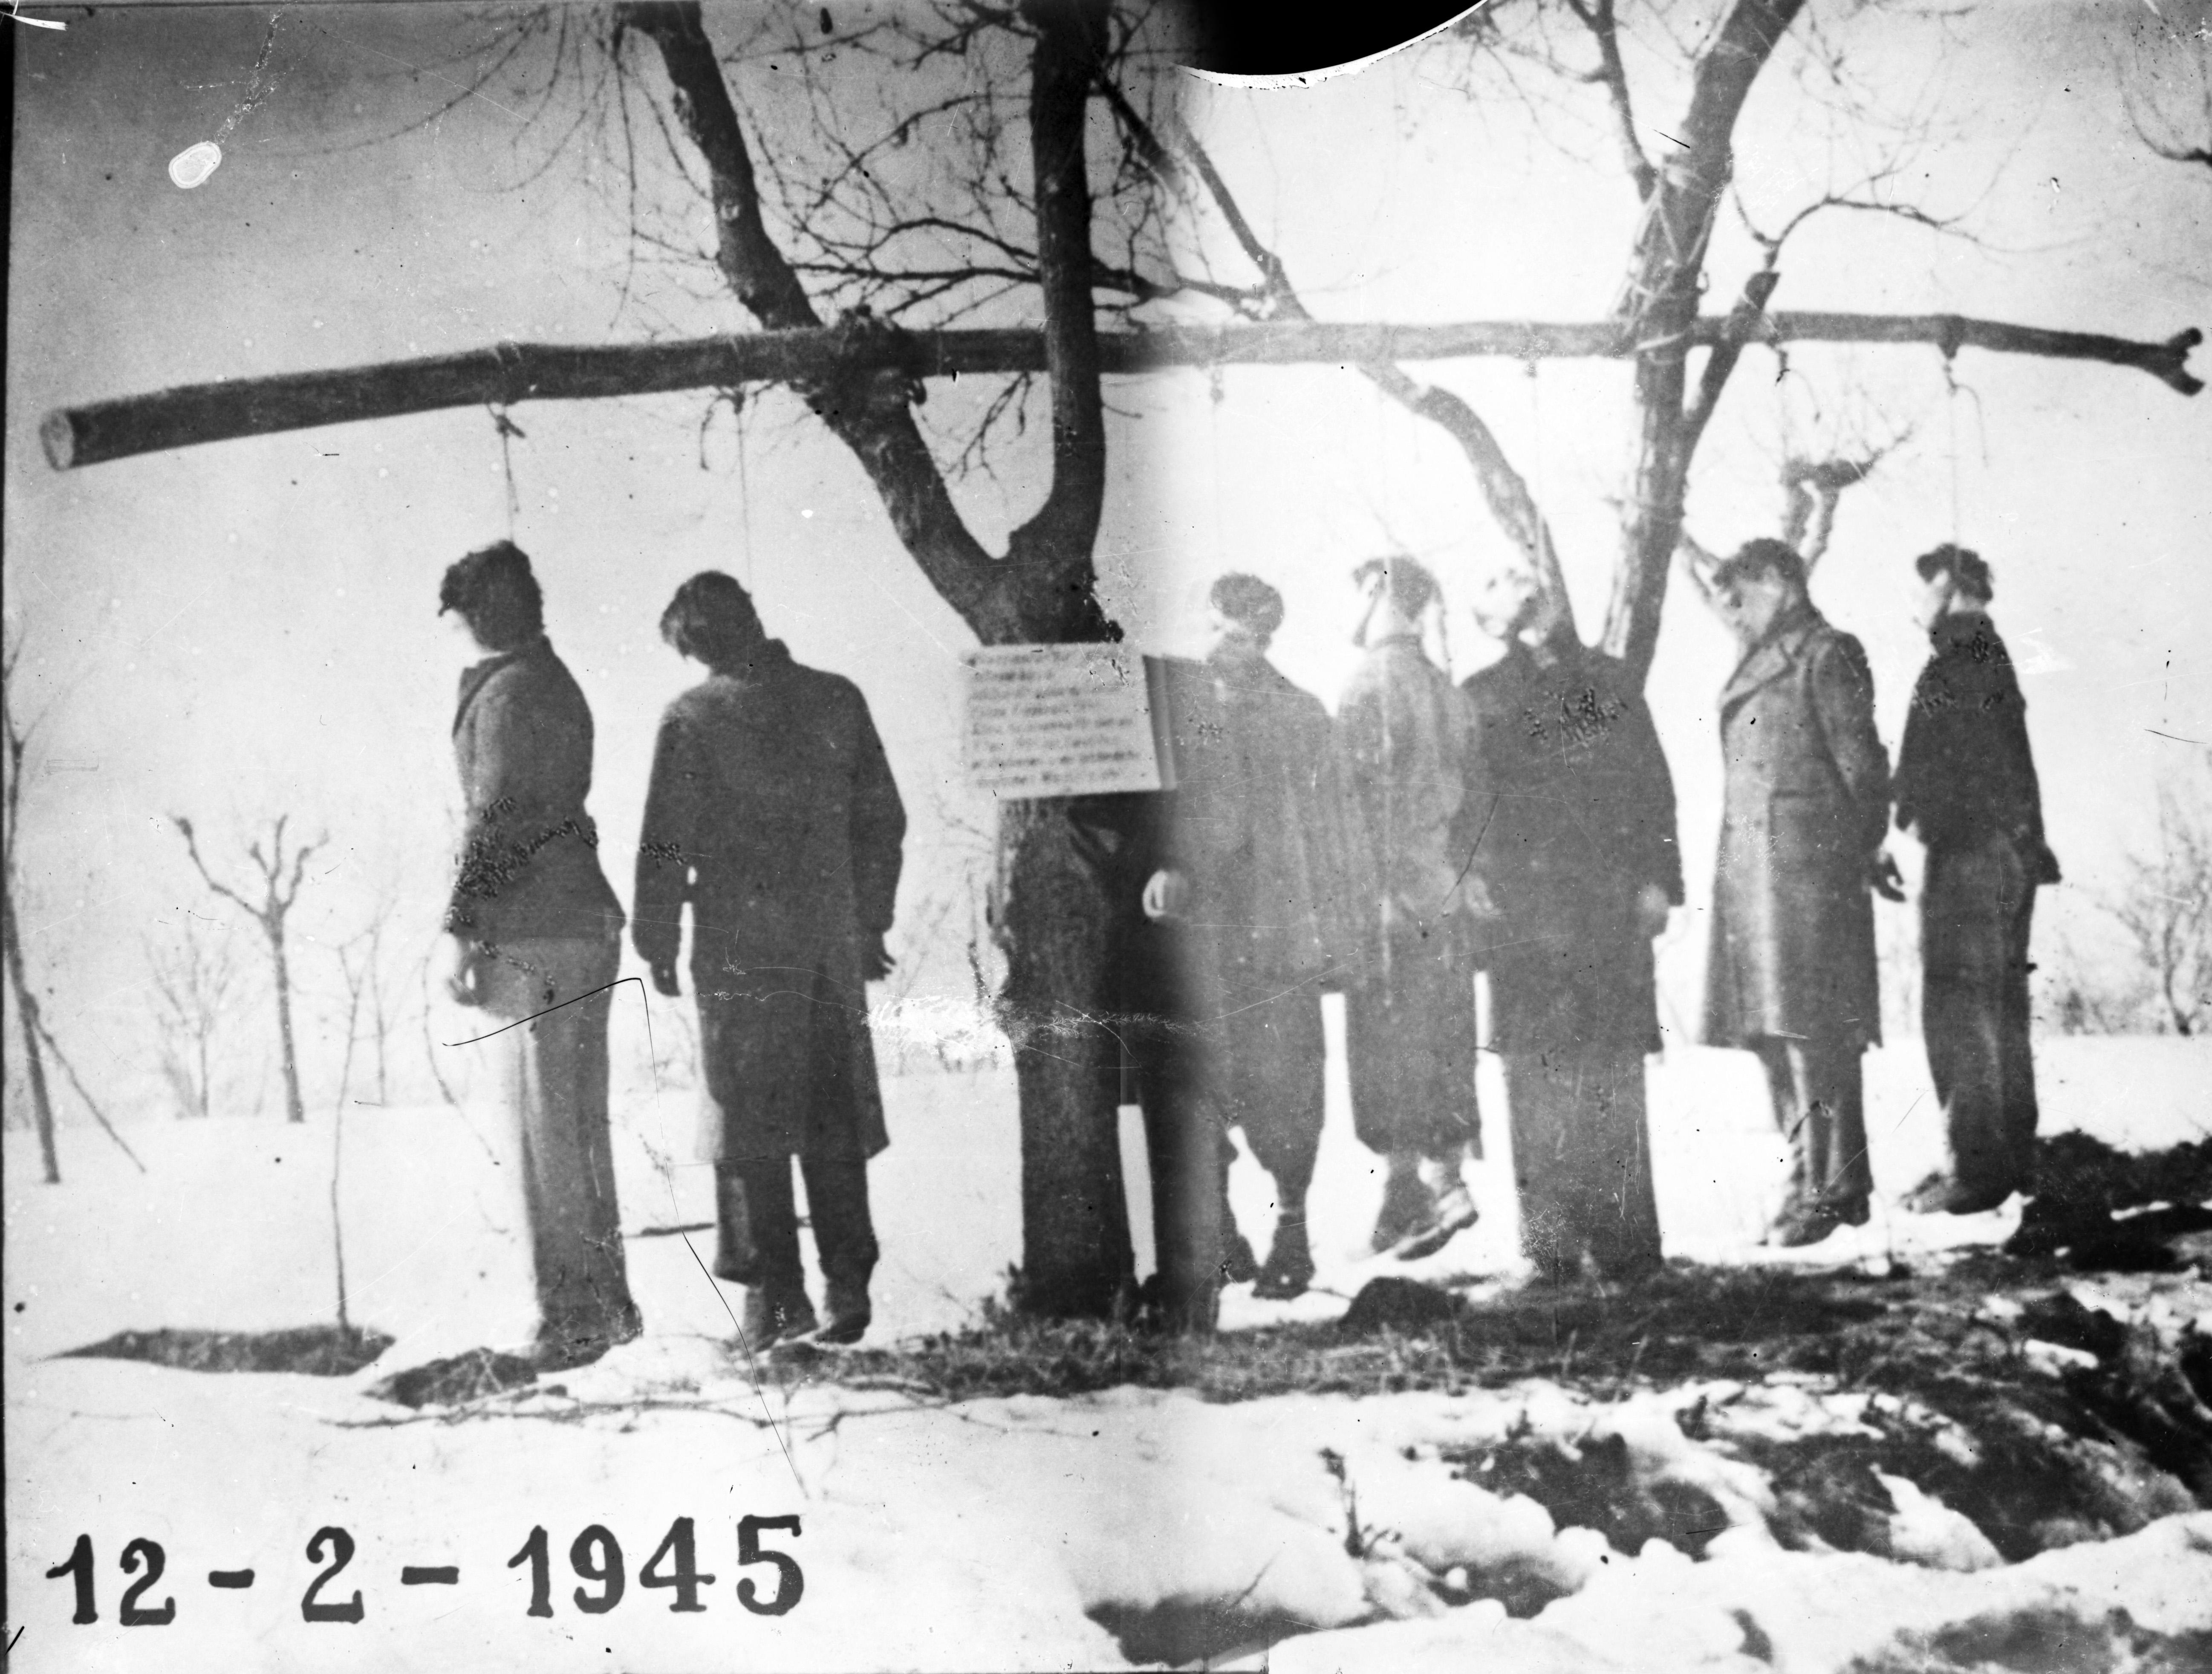 Il fascismo uccide: gli impiccati di Pratomaggiore